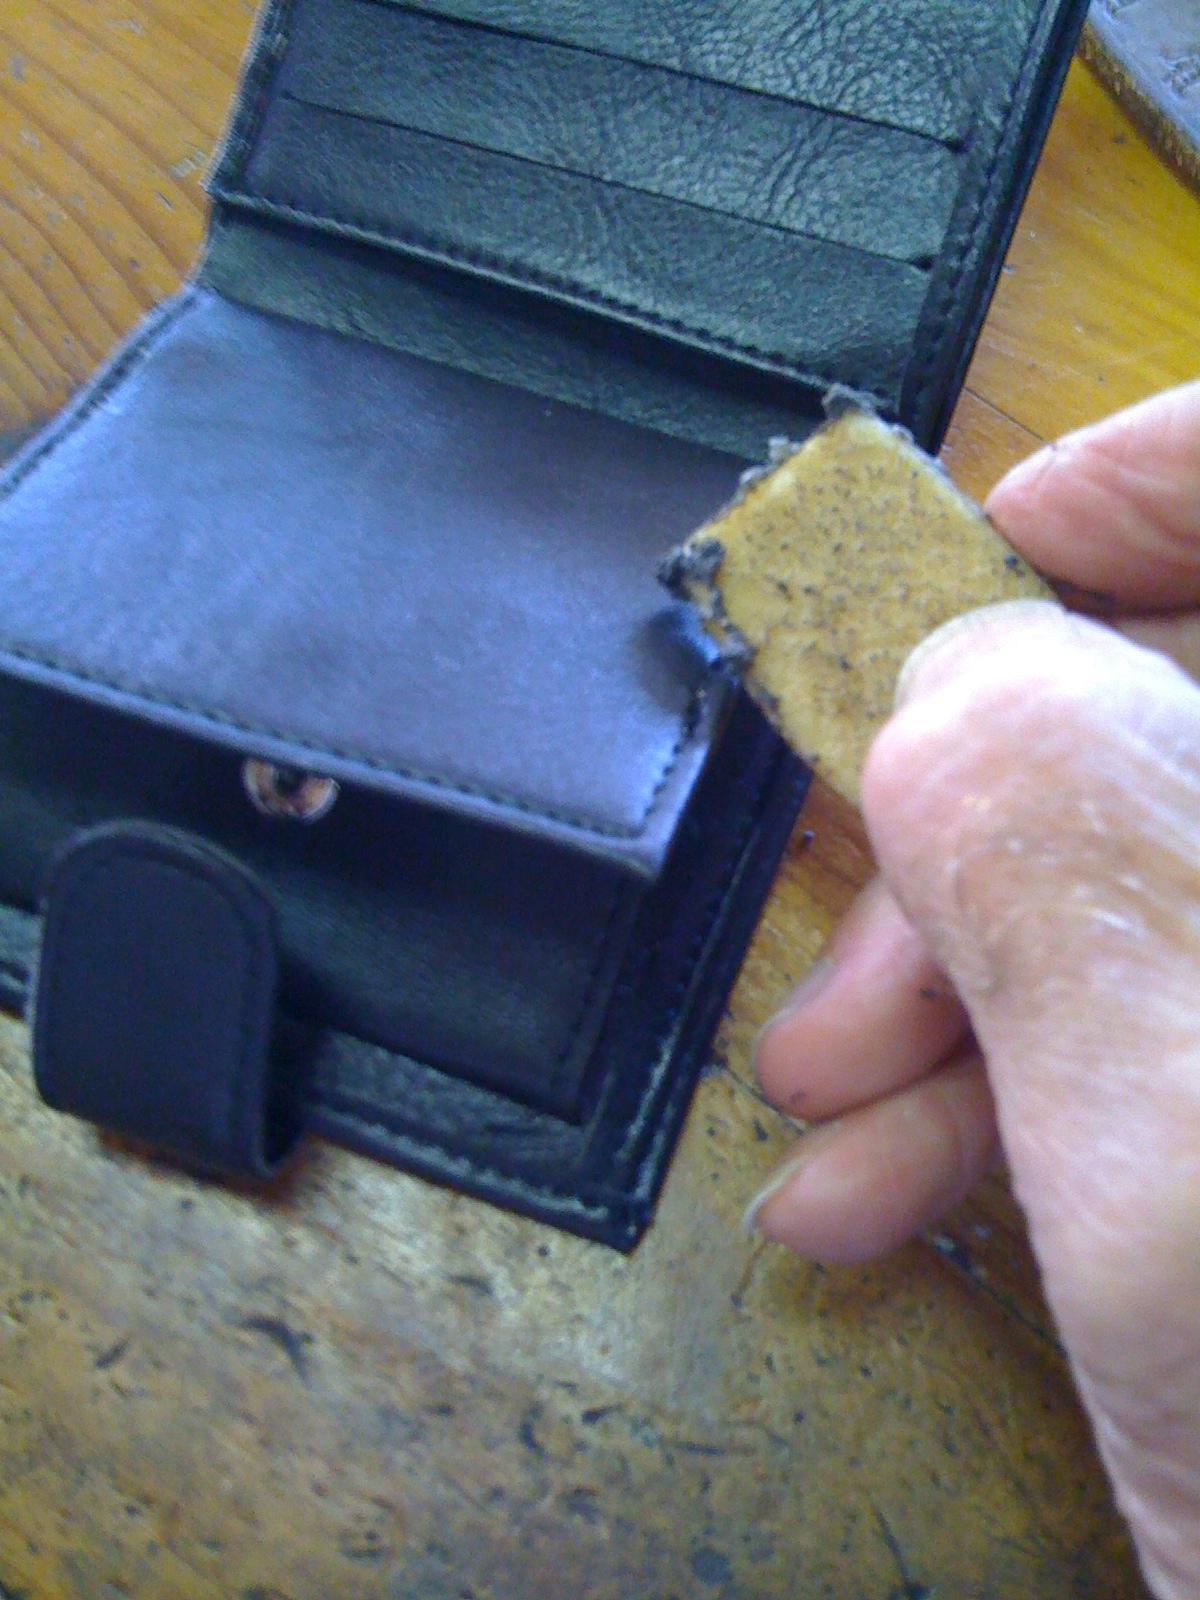 Cordonnerie maroquinerie bagagerie sellerie comment enlever la colle - Comment enlever de la colle glue ...